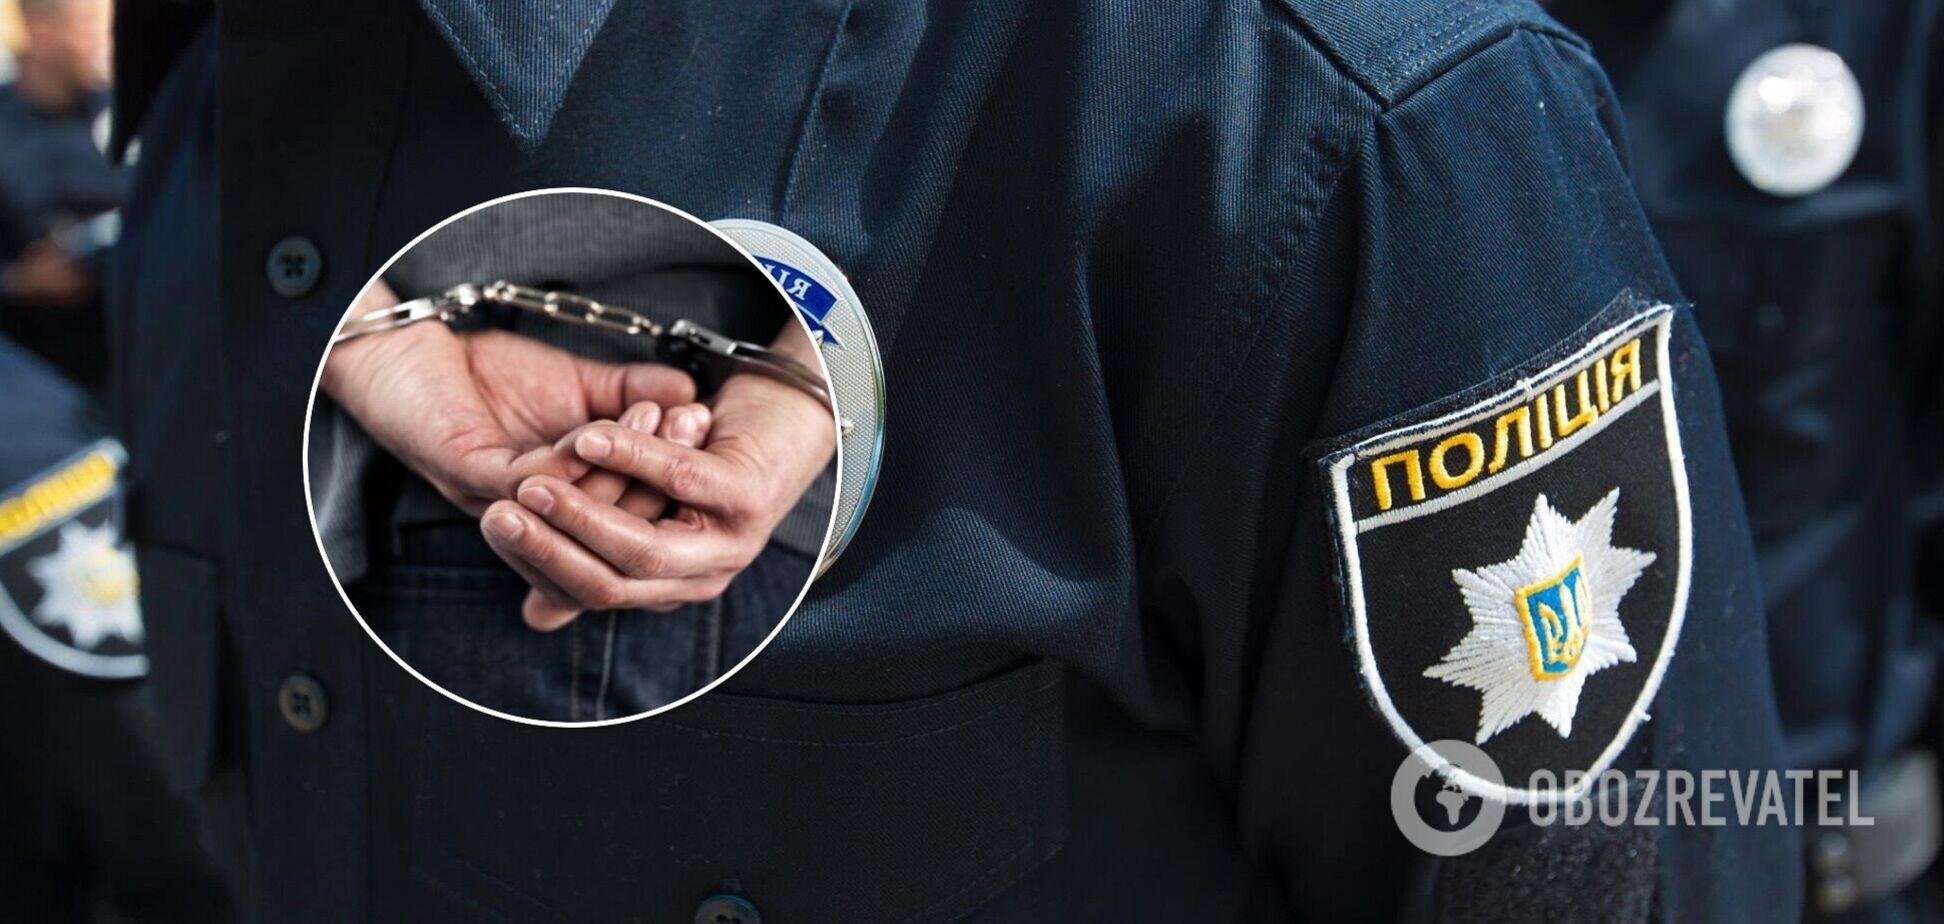 Підозрюваному загрожує довічне позбавлення волі